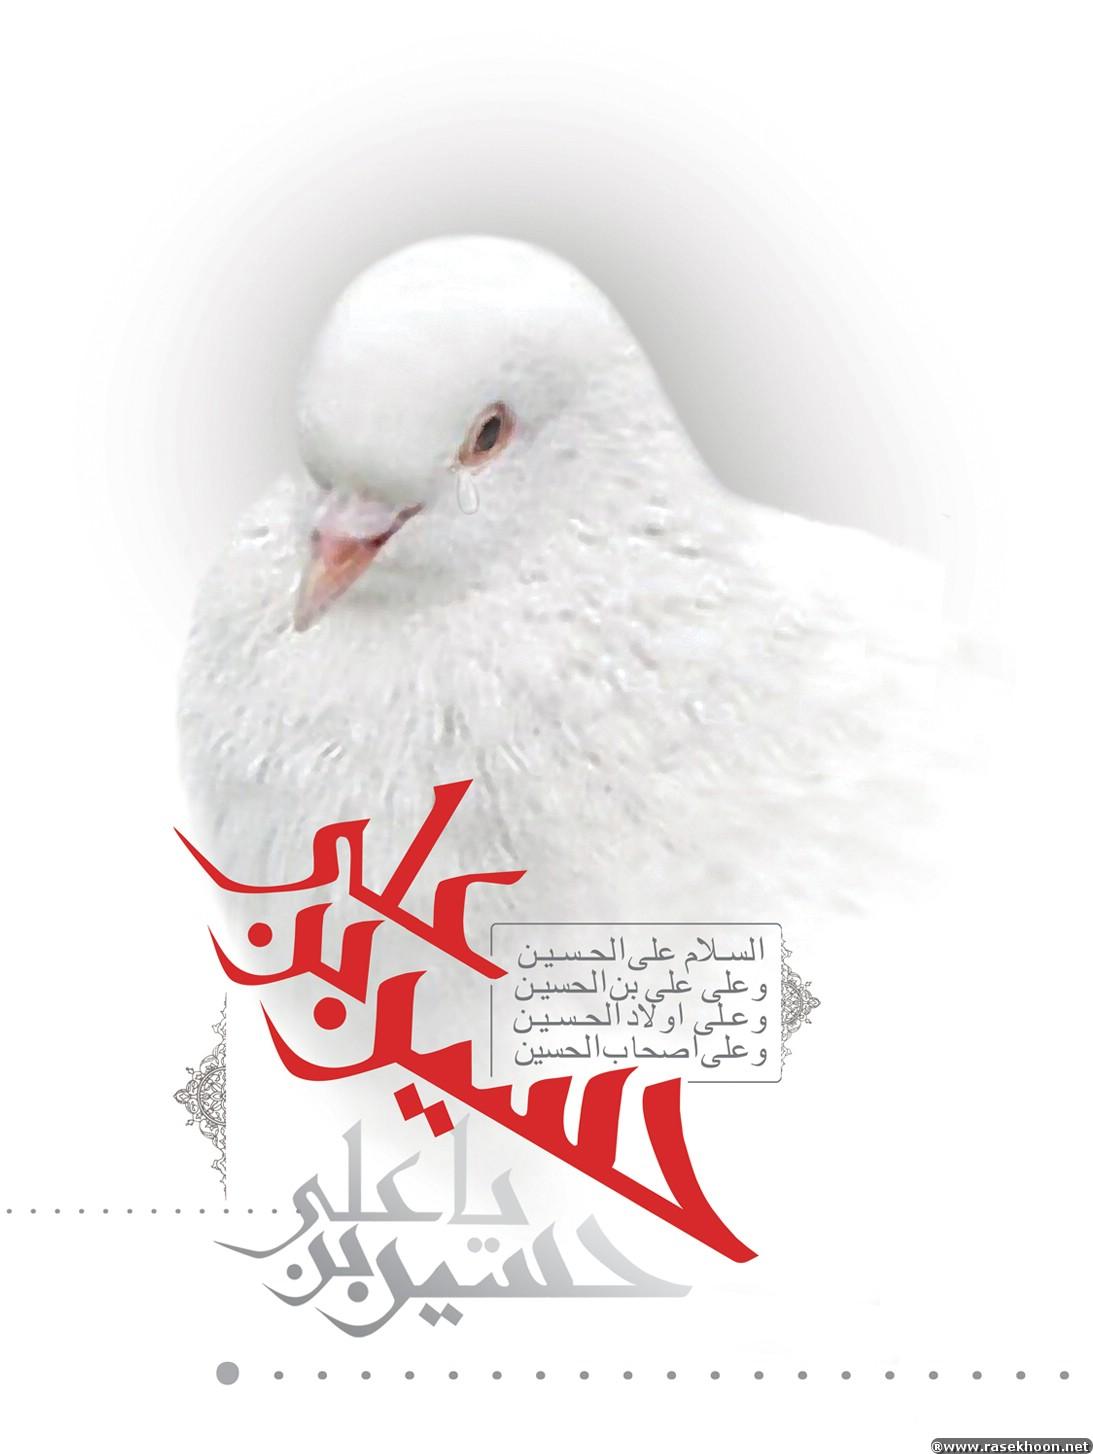 شعر نو بوسه ای از سر مستی به لب یار  چاپ در سنندج چاپخانه عرفان ادیب